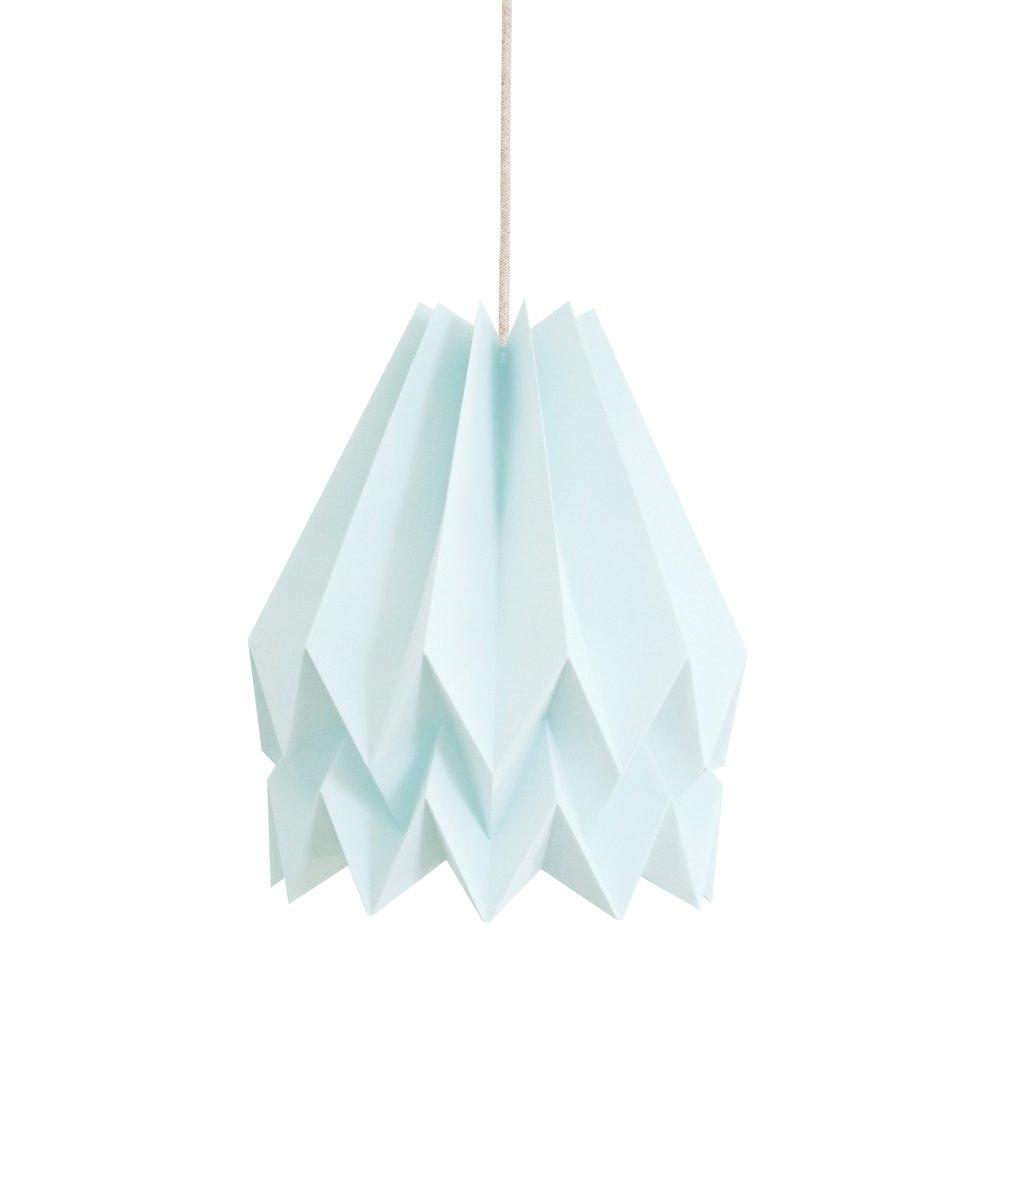 Origami Lampe in Mintblau von Orikomi